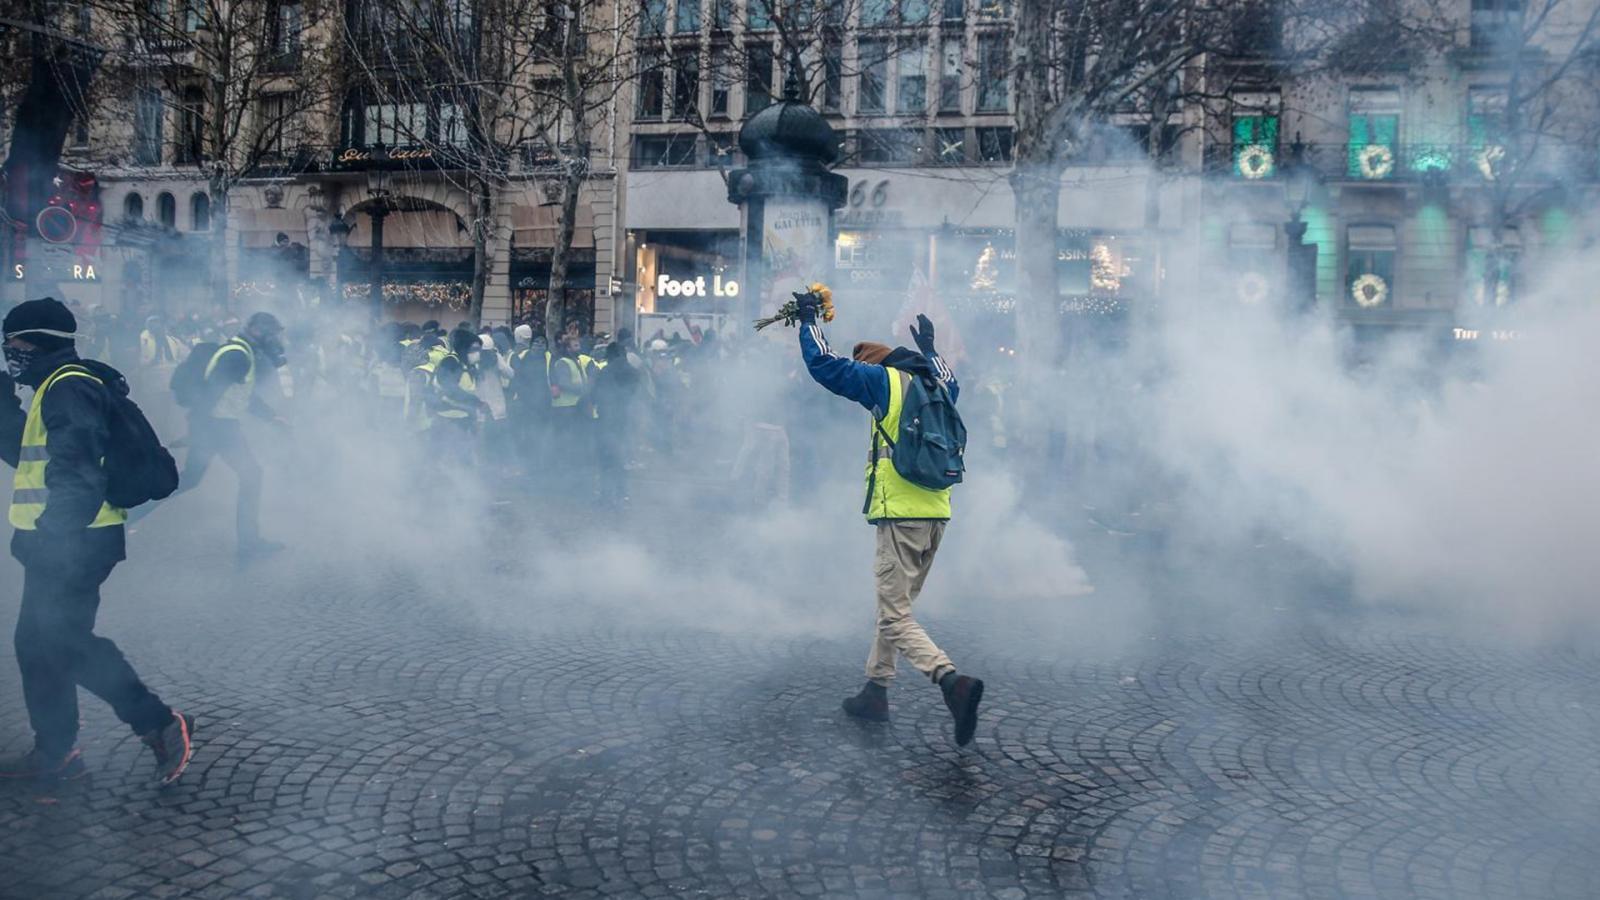 """สถานทูตไทยในปารีส เตือนคนไทยเลี่ยงพื้นที่ชุมนุม """"เสื้อกั๊กเหลือง"""""""